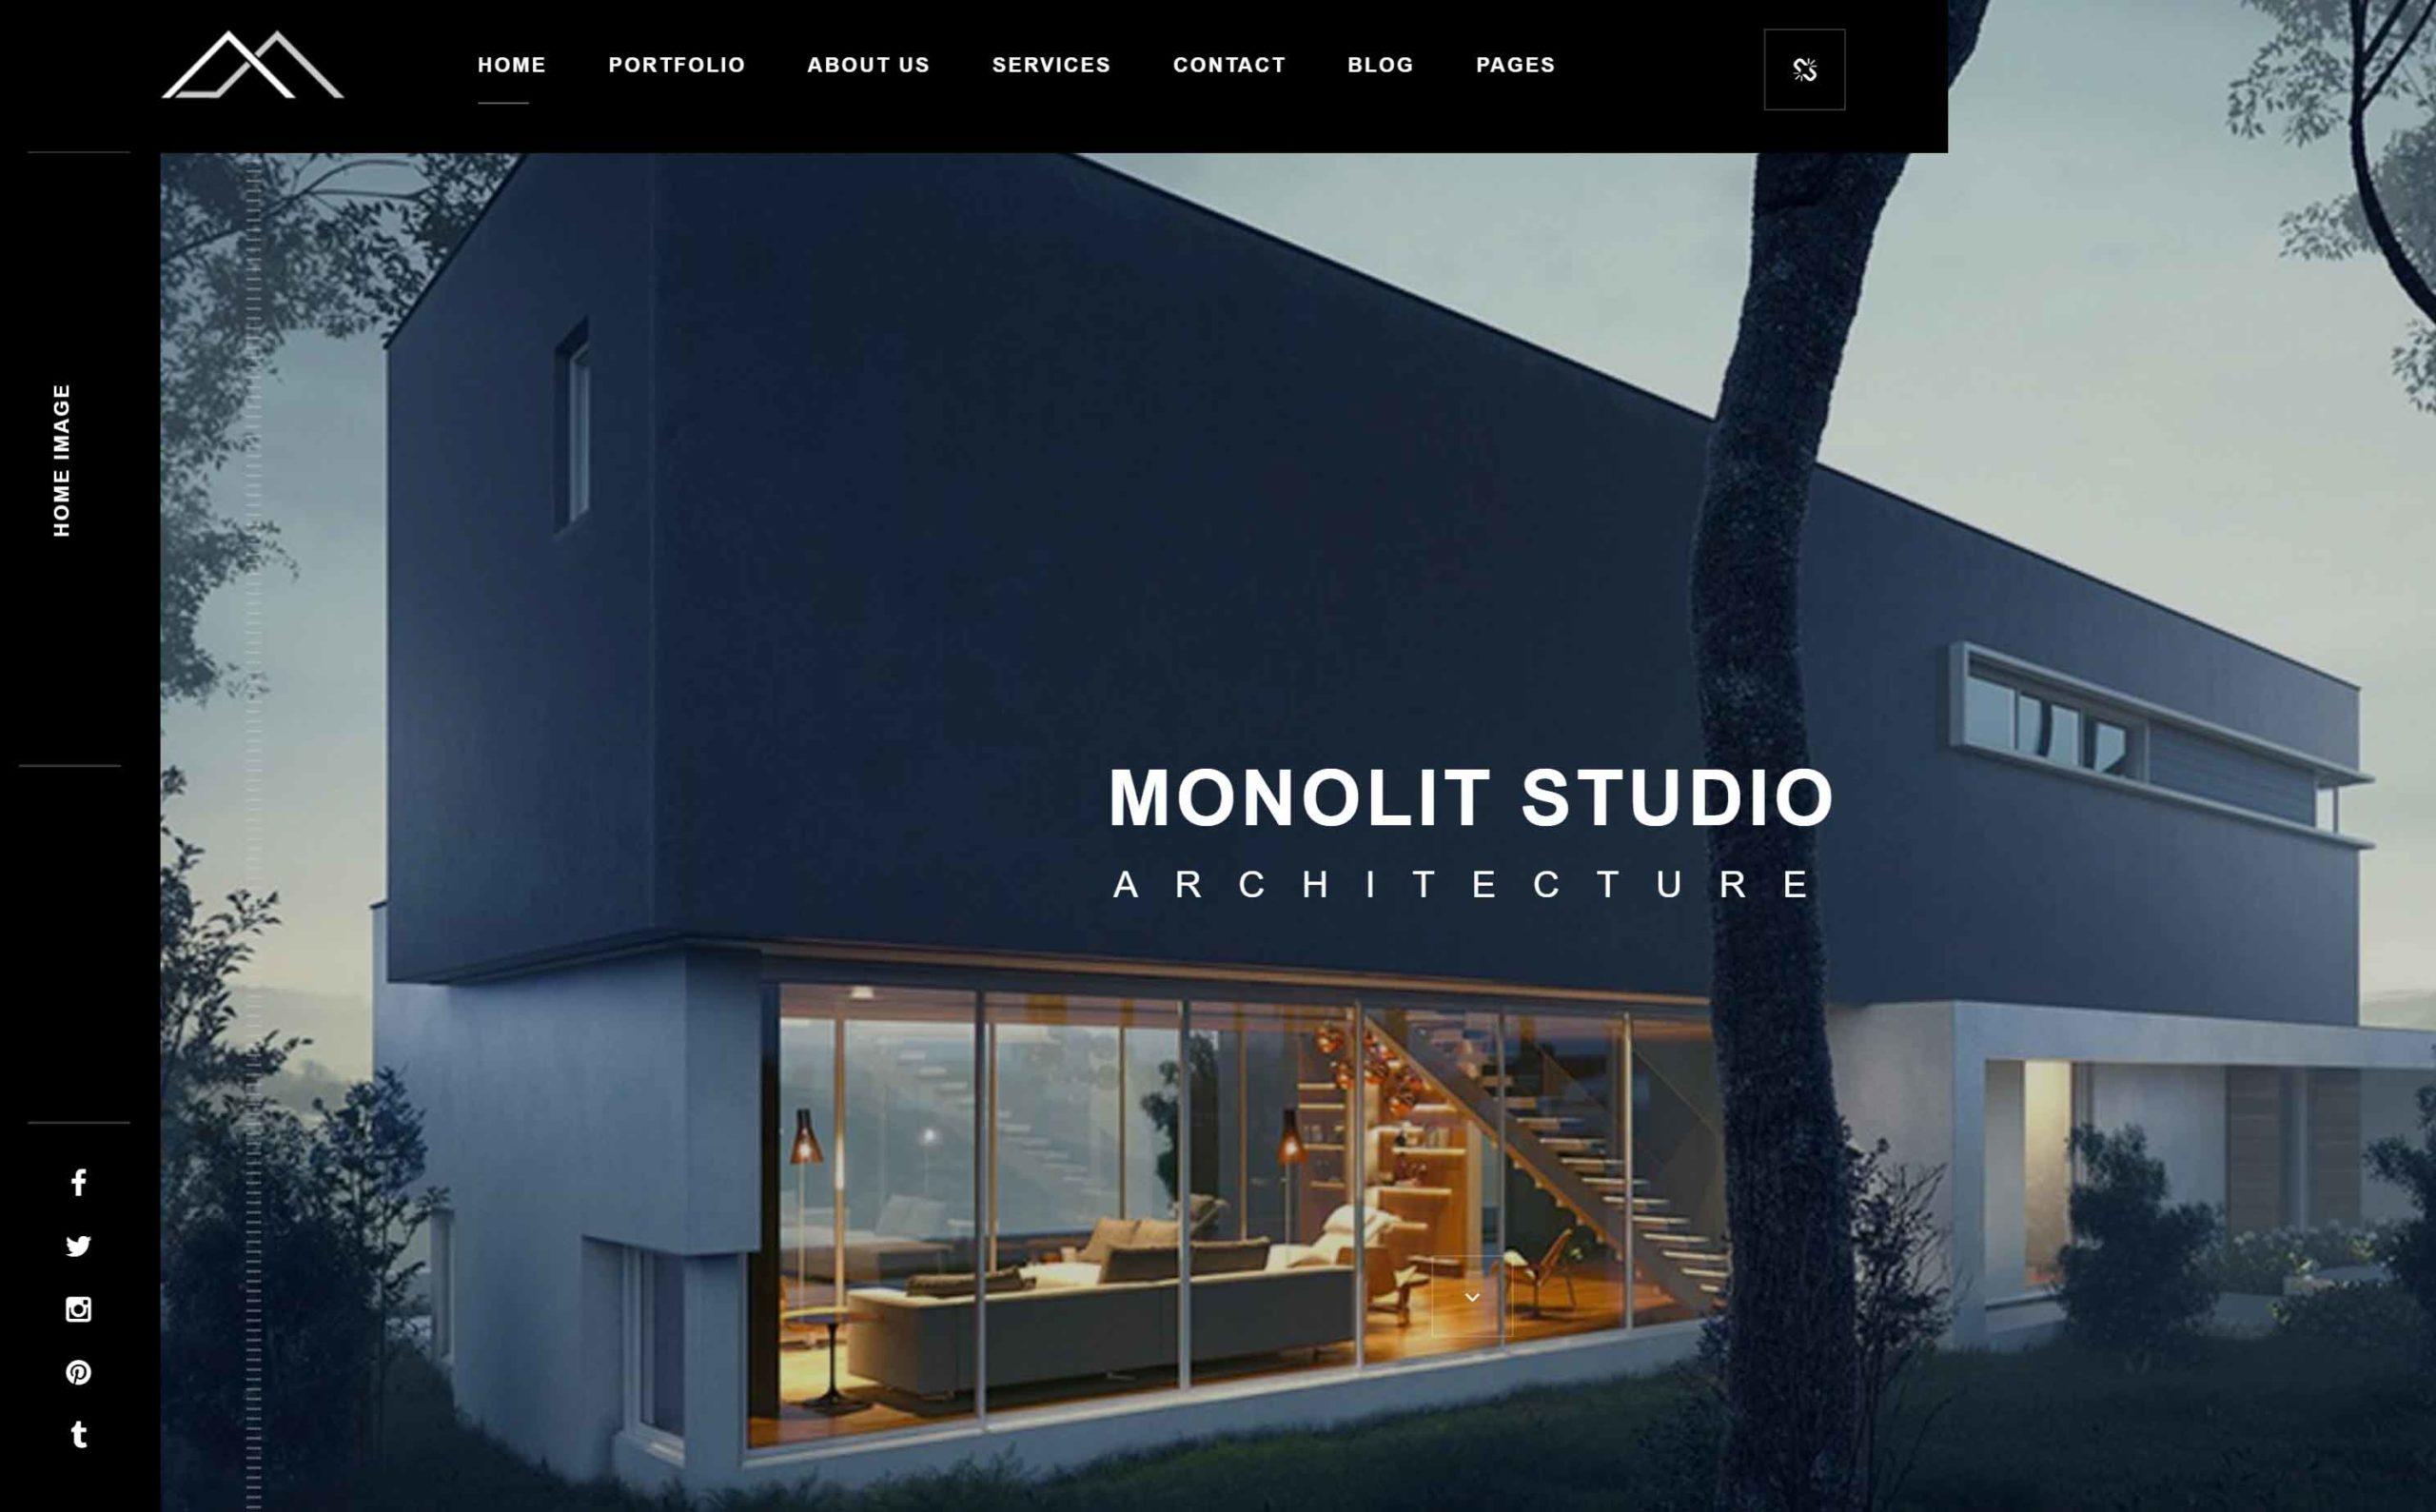 Web design for architecture studio